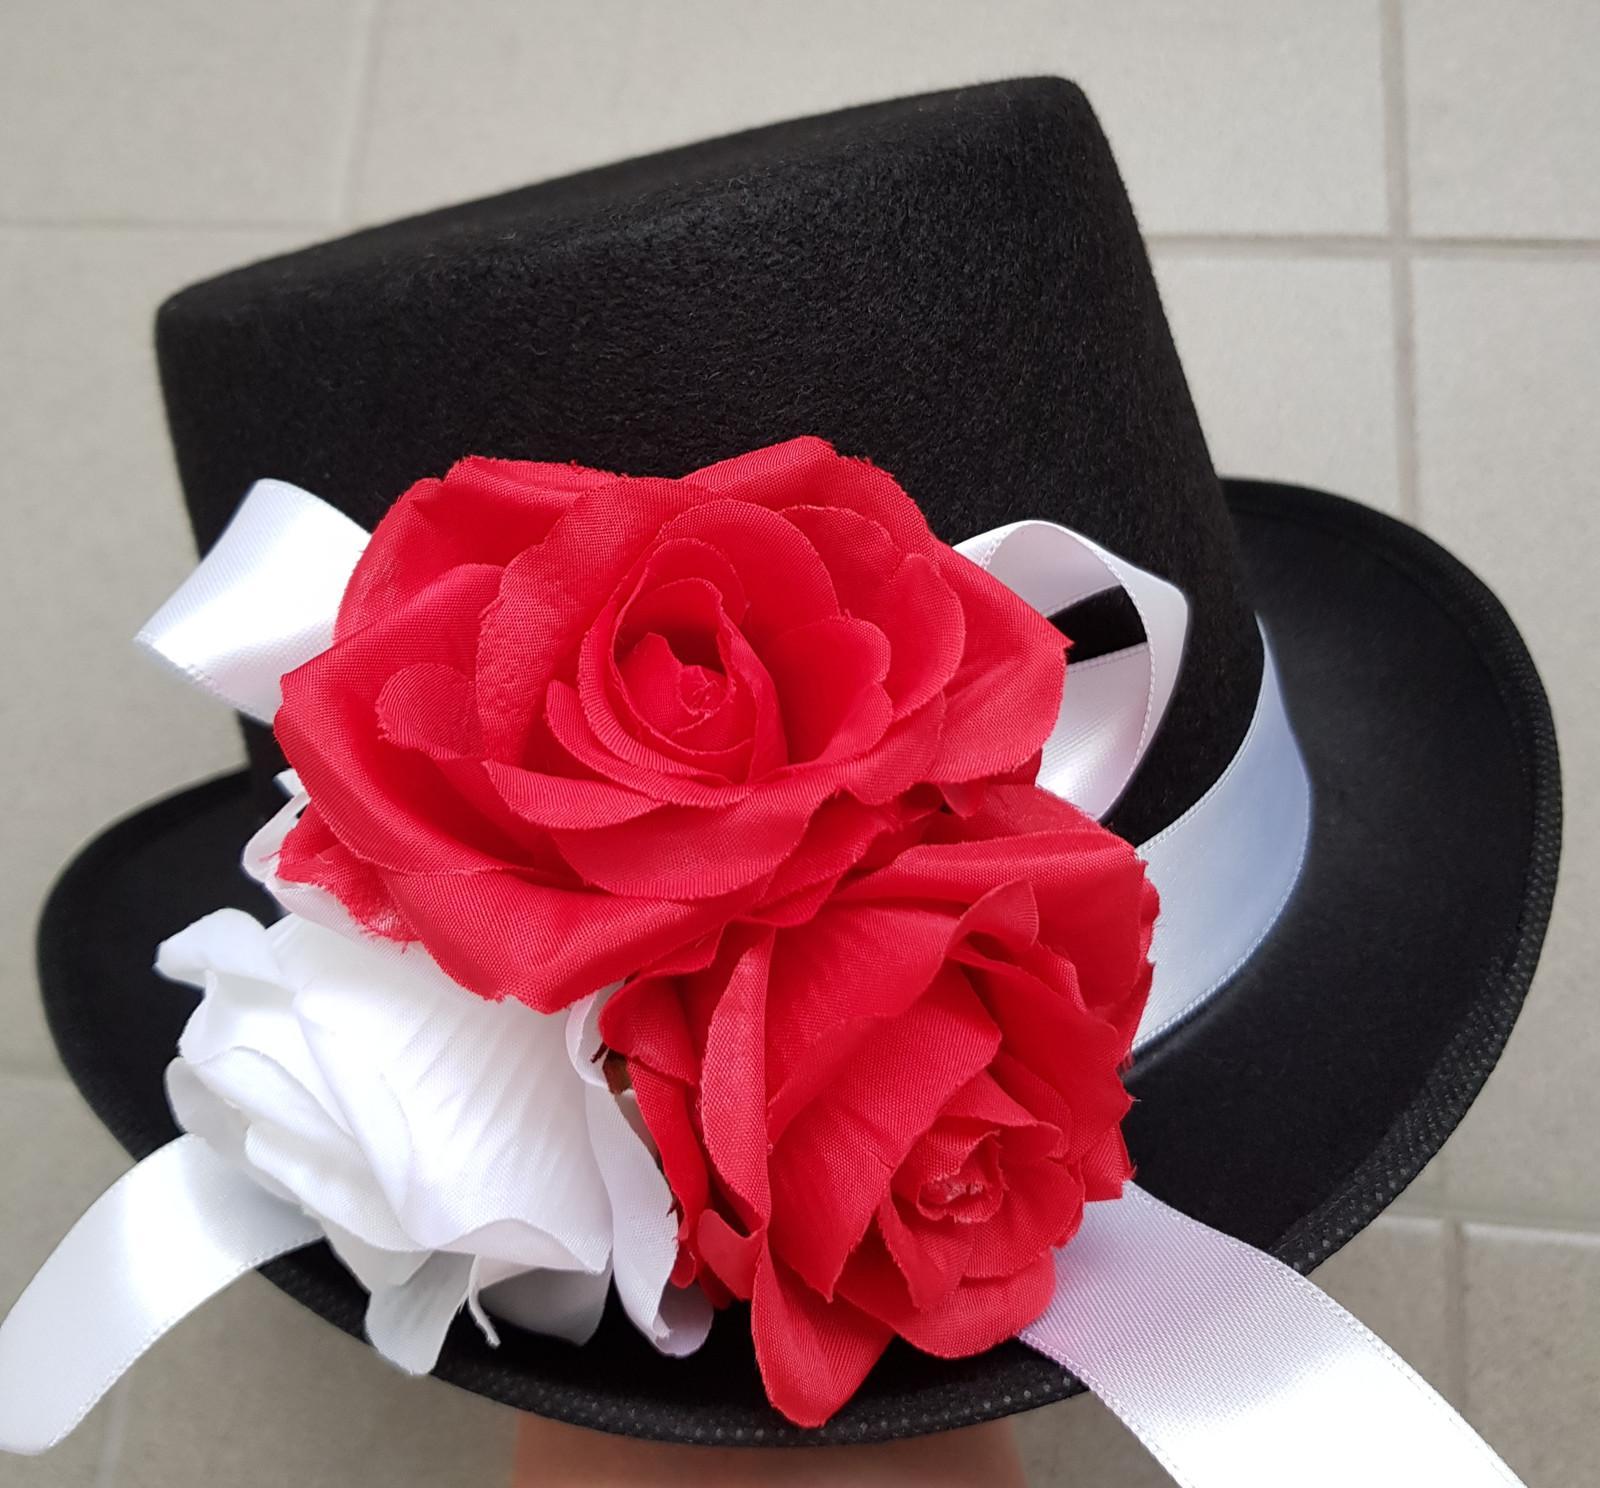 Cylindr na svatební auto - bílá/červená - Obrázek č. 1